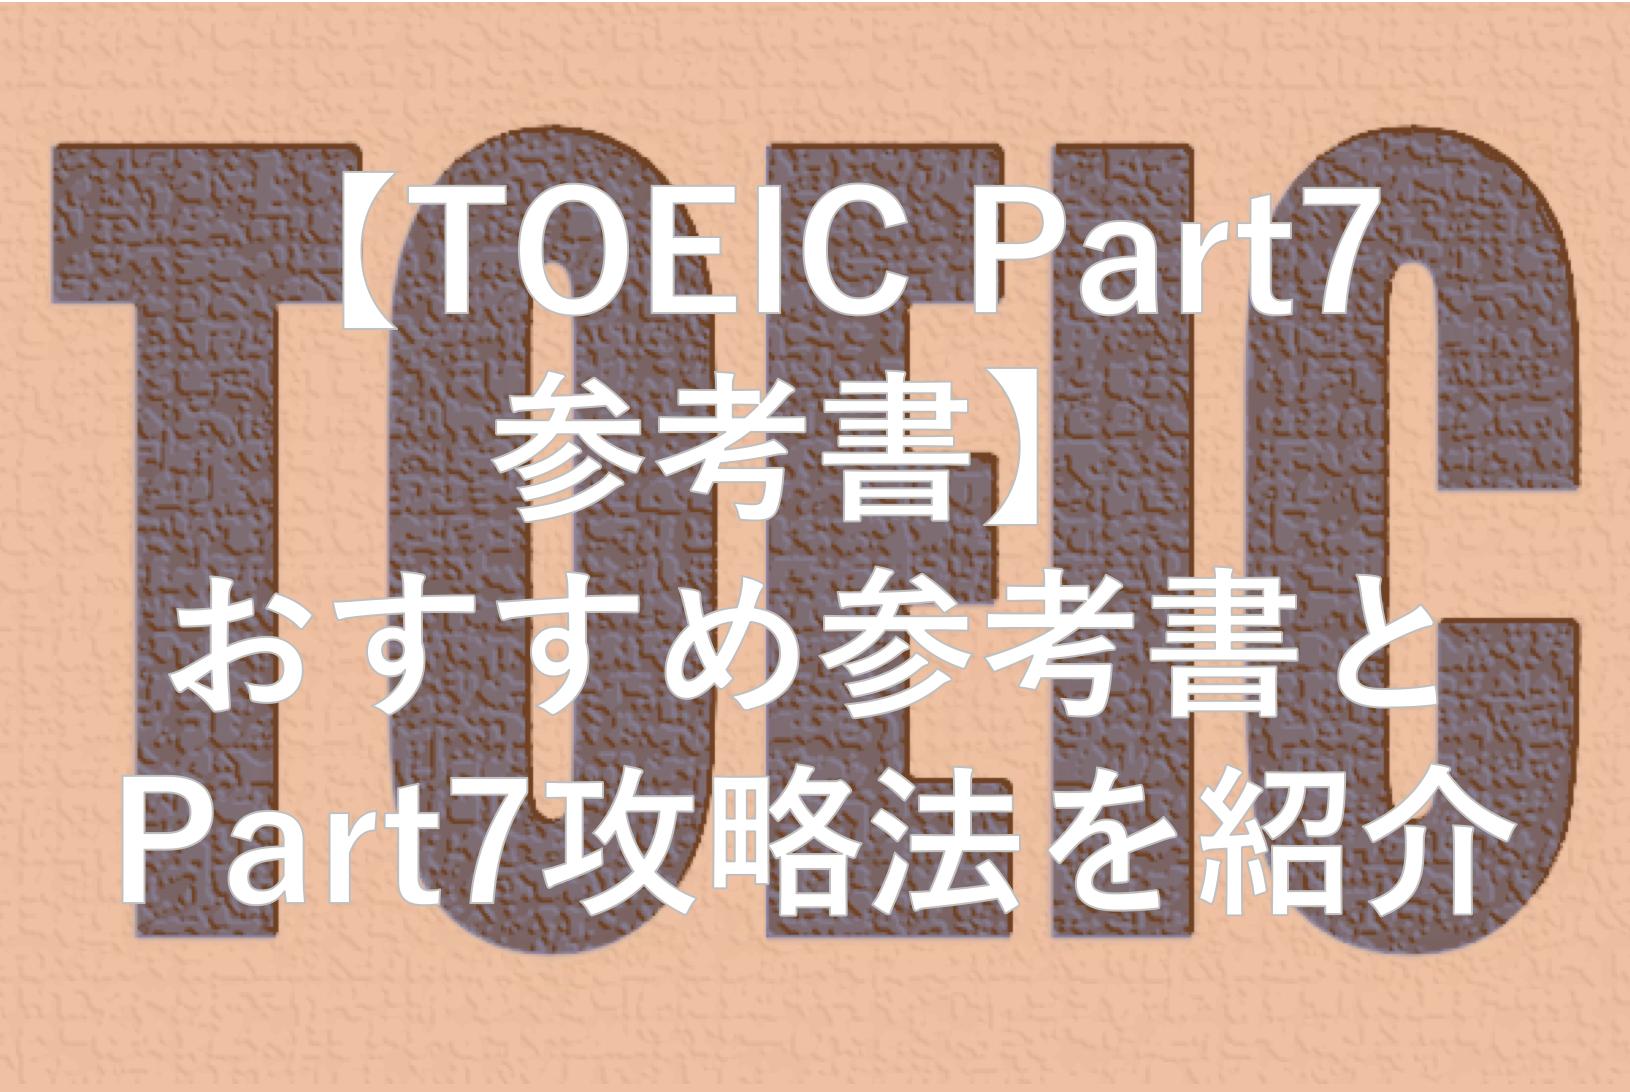 【TOEIC Part7 参考書】おすすめ参考書とPart7の攻略法を紹介